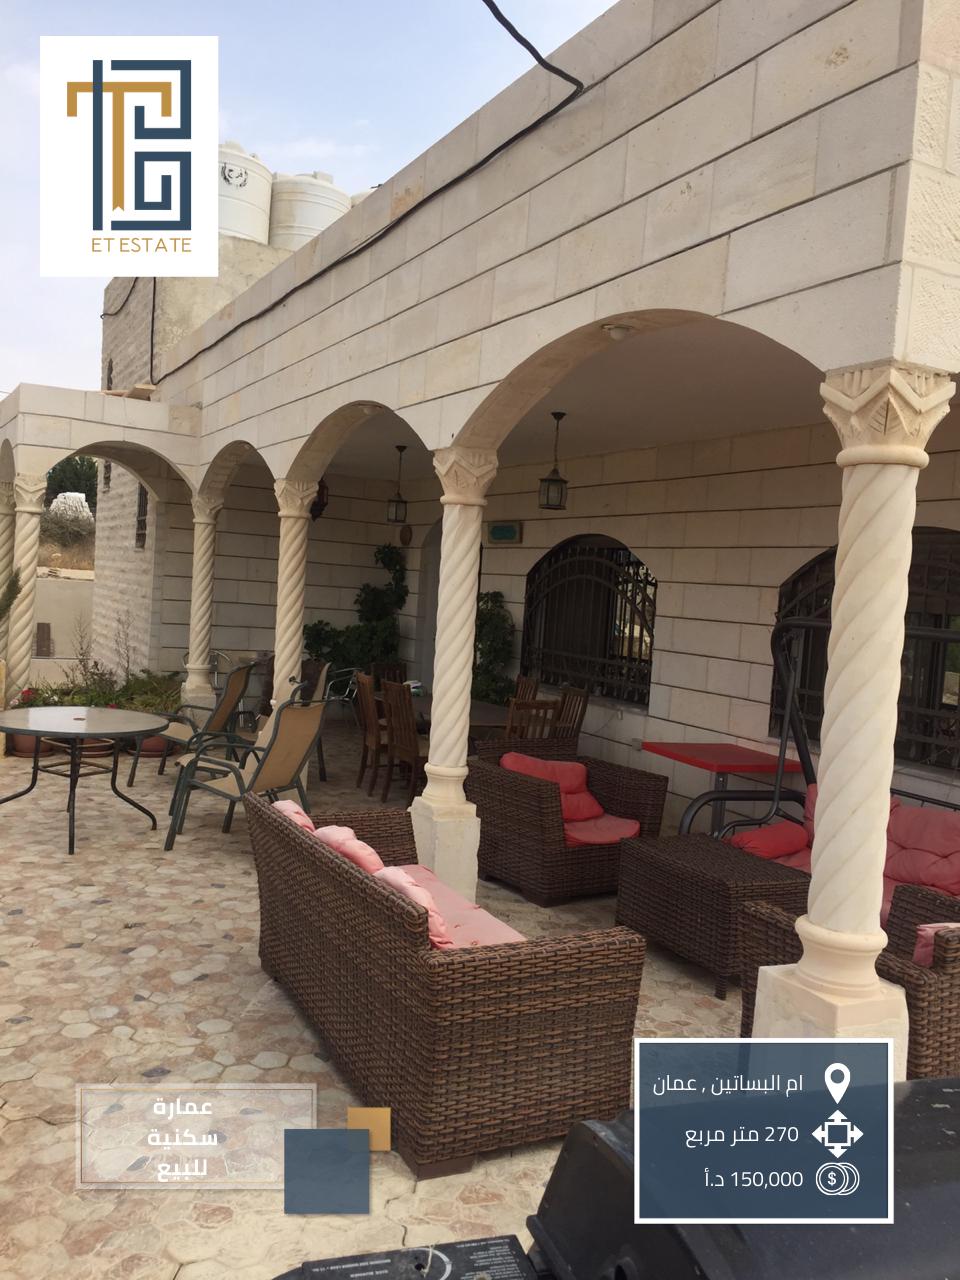 عمارة سكنية للبيع في ام البساتين في عمان